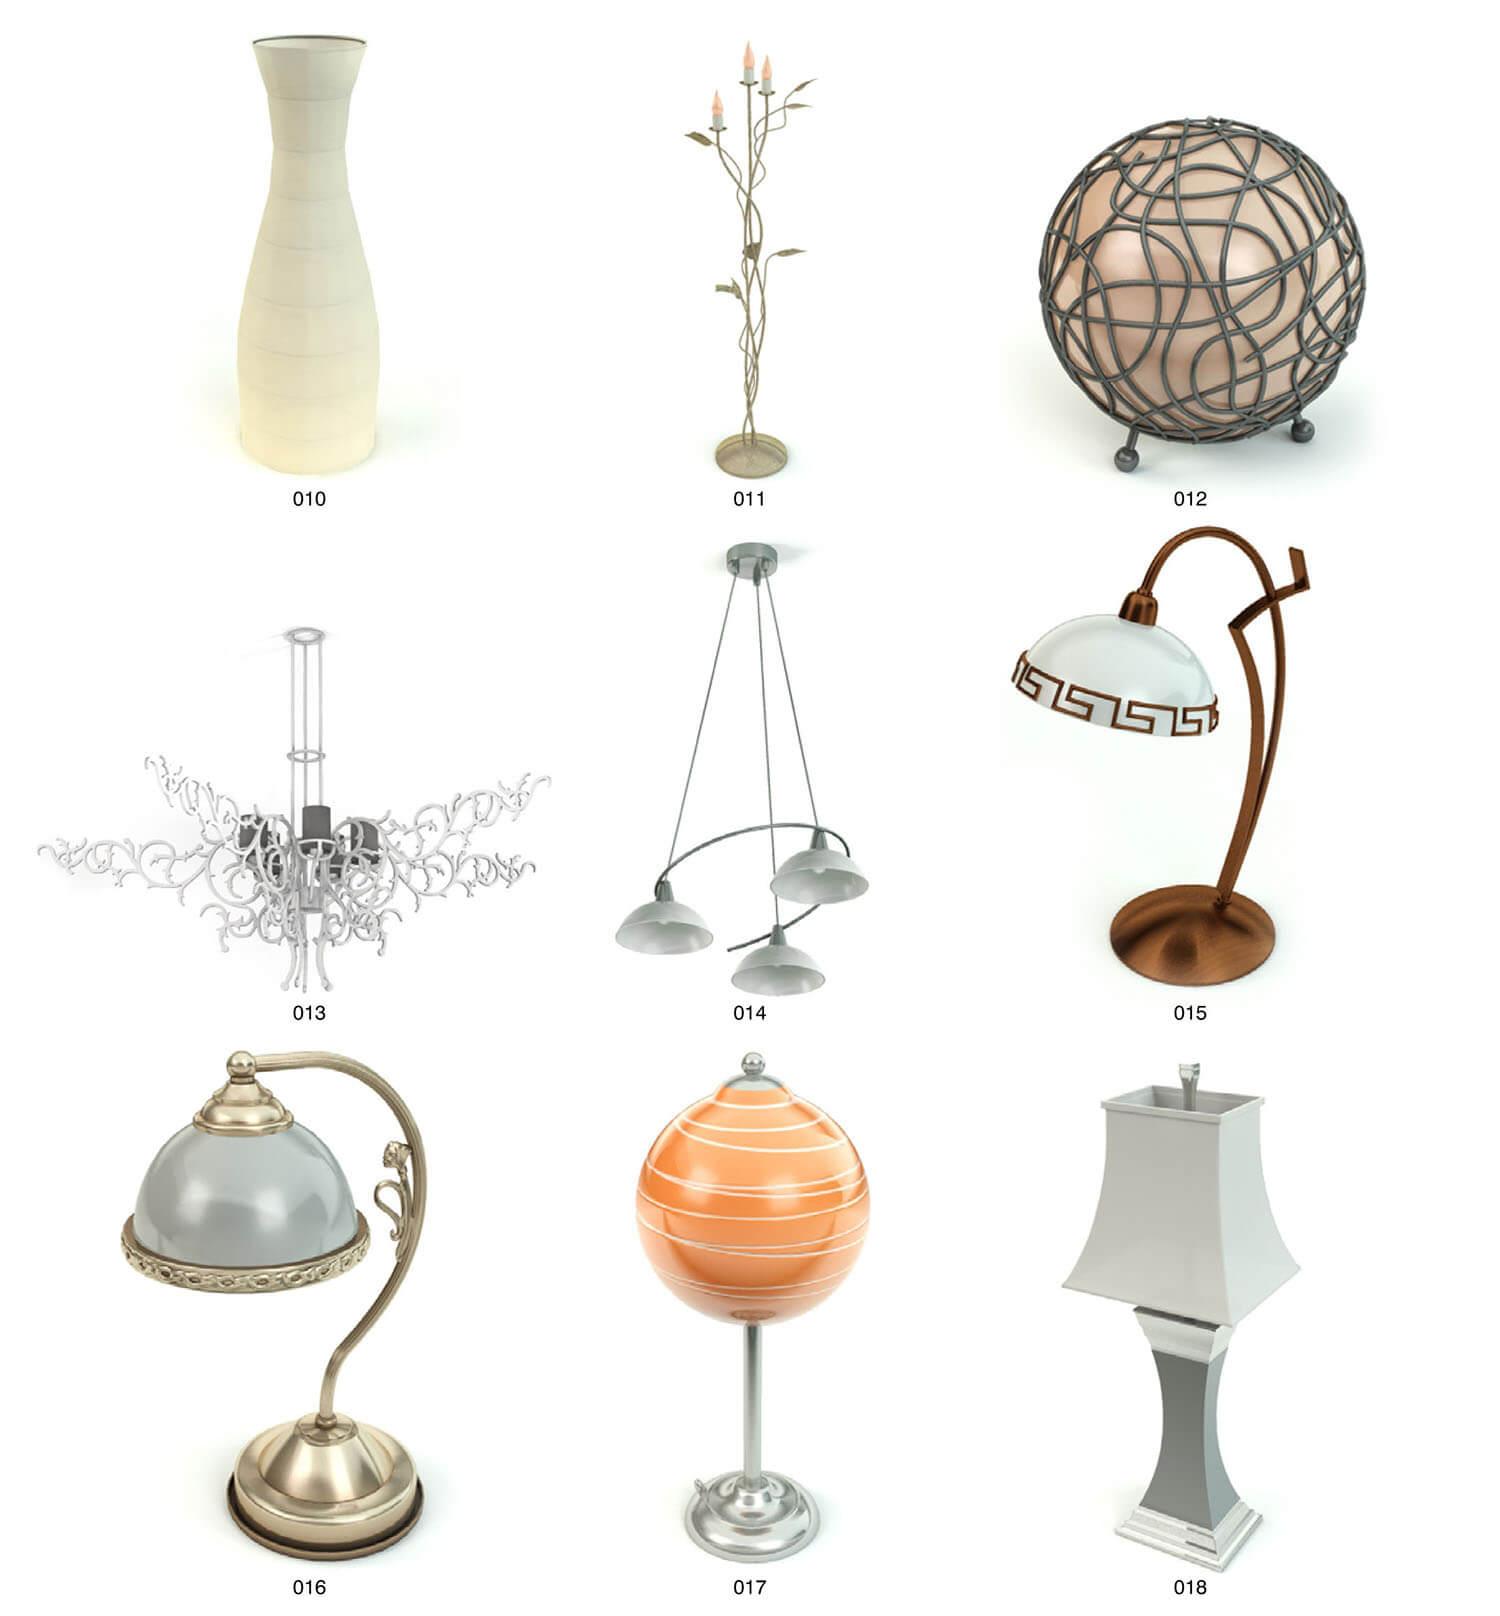 Chọn lựa một mẫu đèn đẹp nhất trong bộ sưu tập này quả thực là rất khó